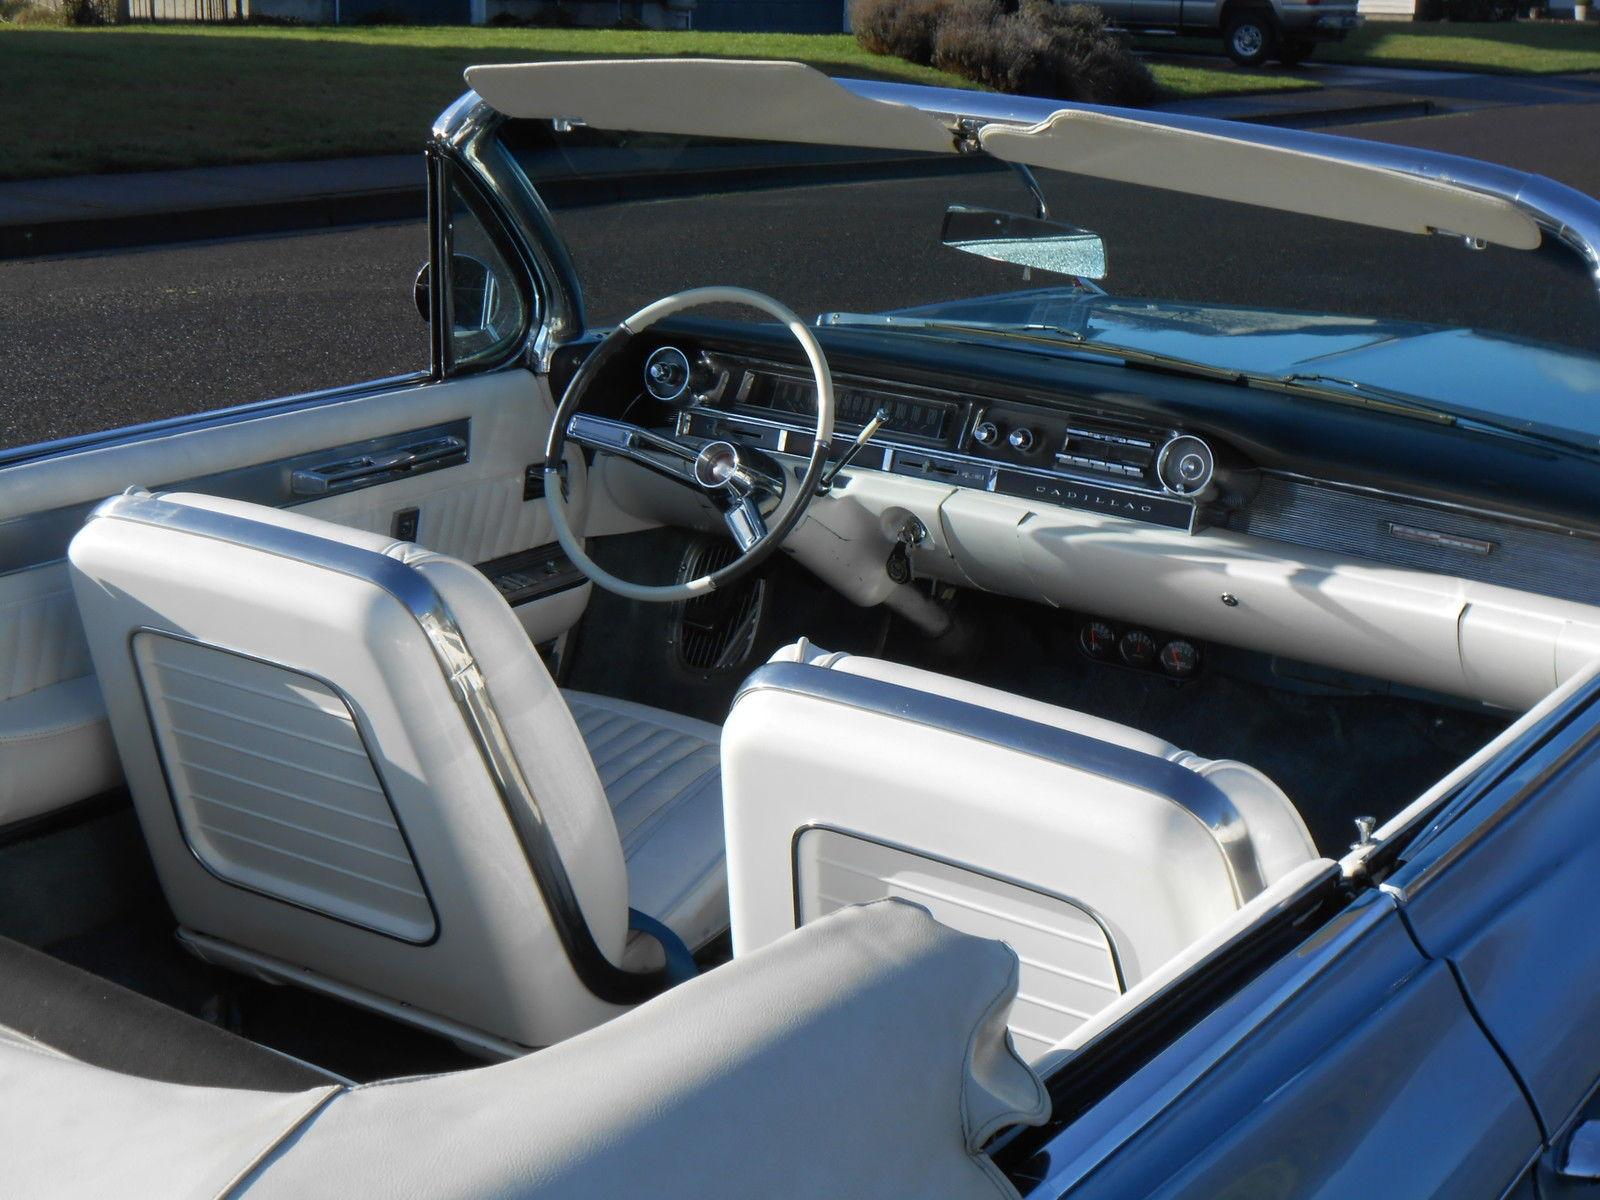 1961 Cadillac Eldo Biarritz Convertible Restoredrare Bucket Seats El Dorado Seatslow Reserve